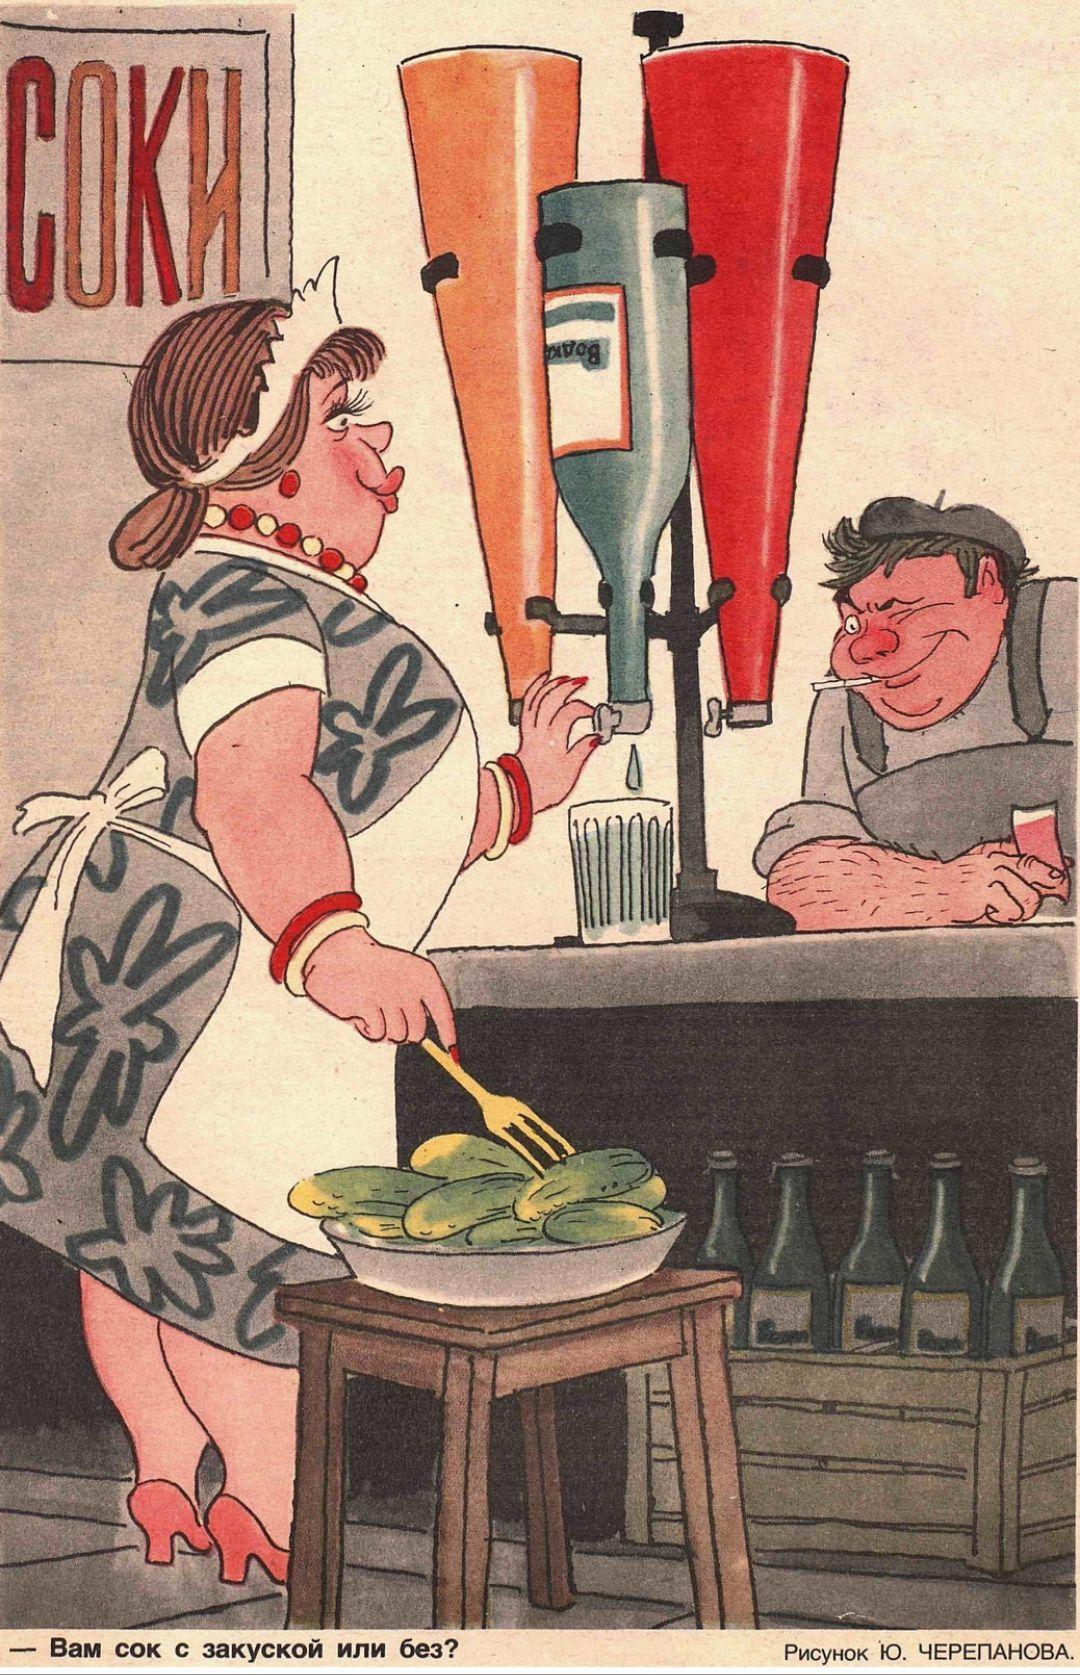 Карикатура из журнала «Крокодил». Октябрь 1985 г. Из частной коллекции.